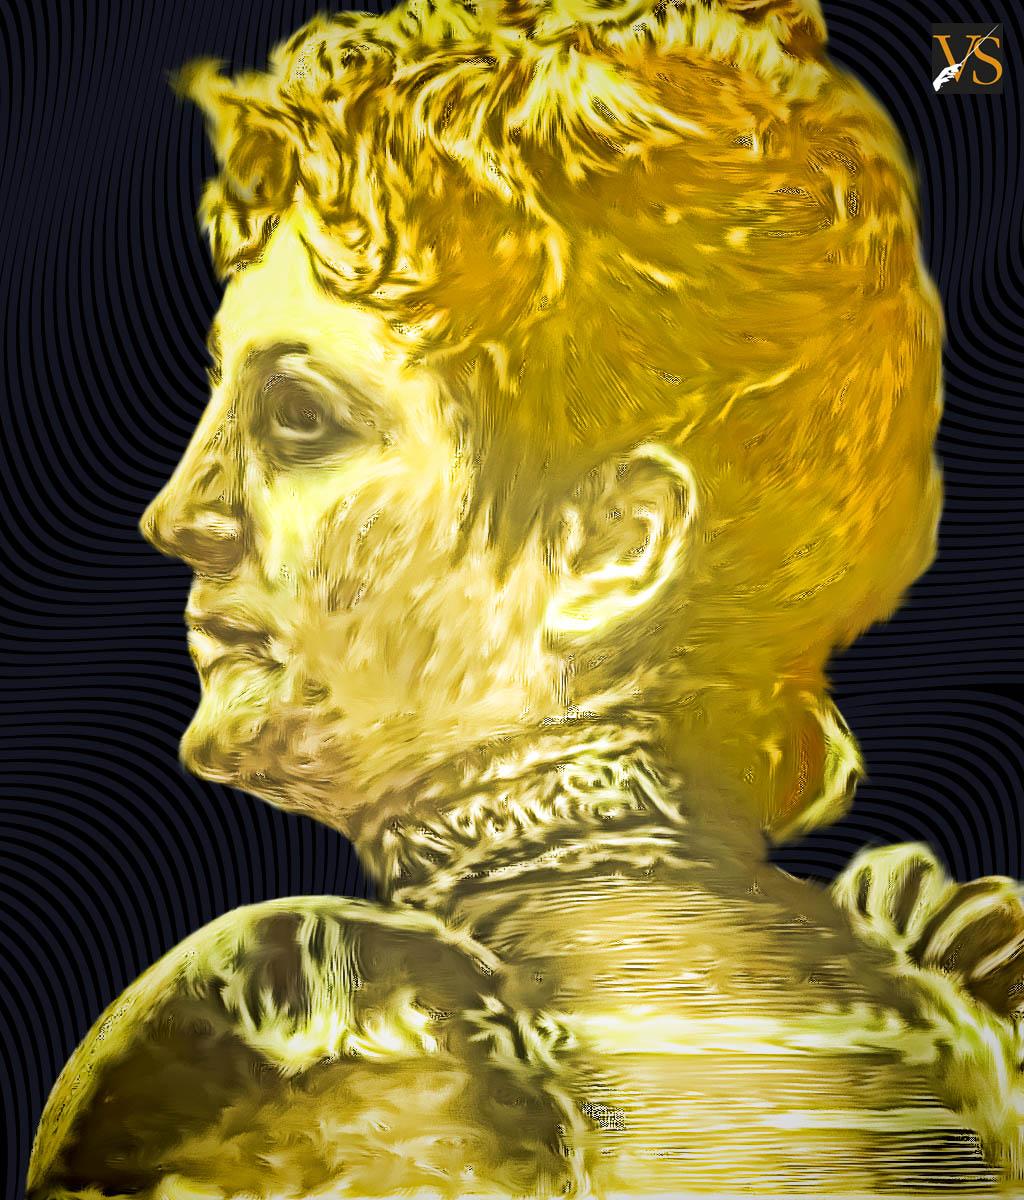 Teresa Carreño Ilustración basada en la imagen de Oscar González Bogen